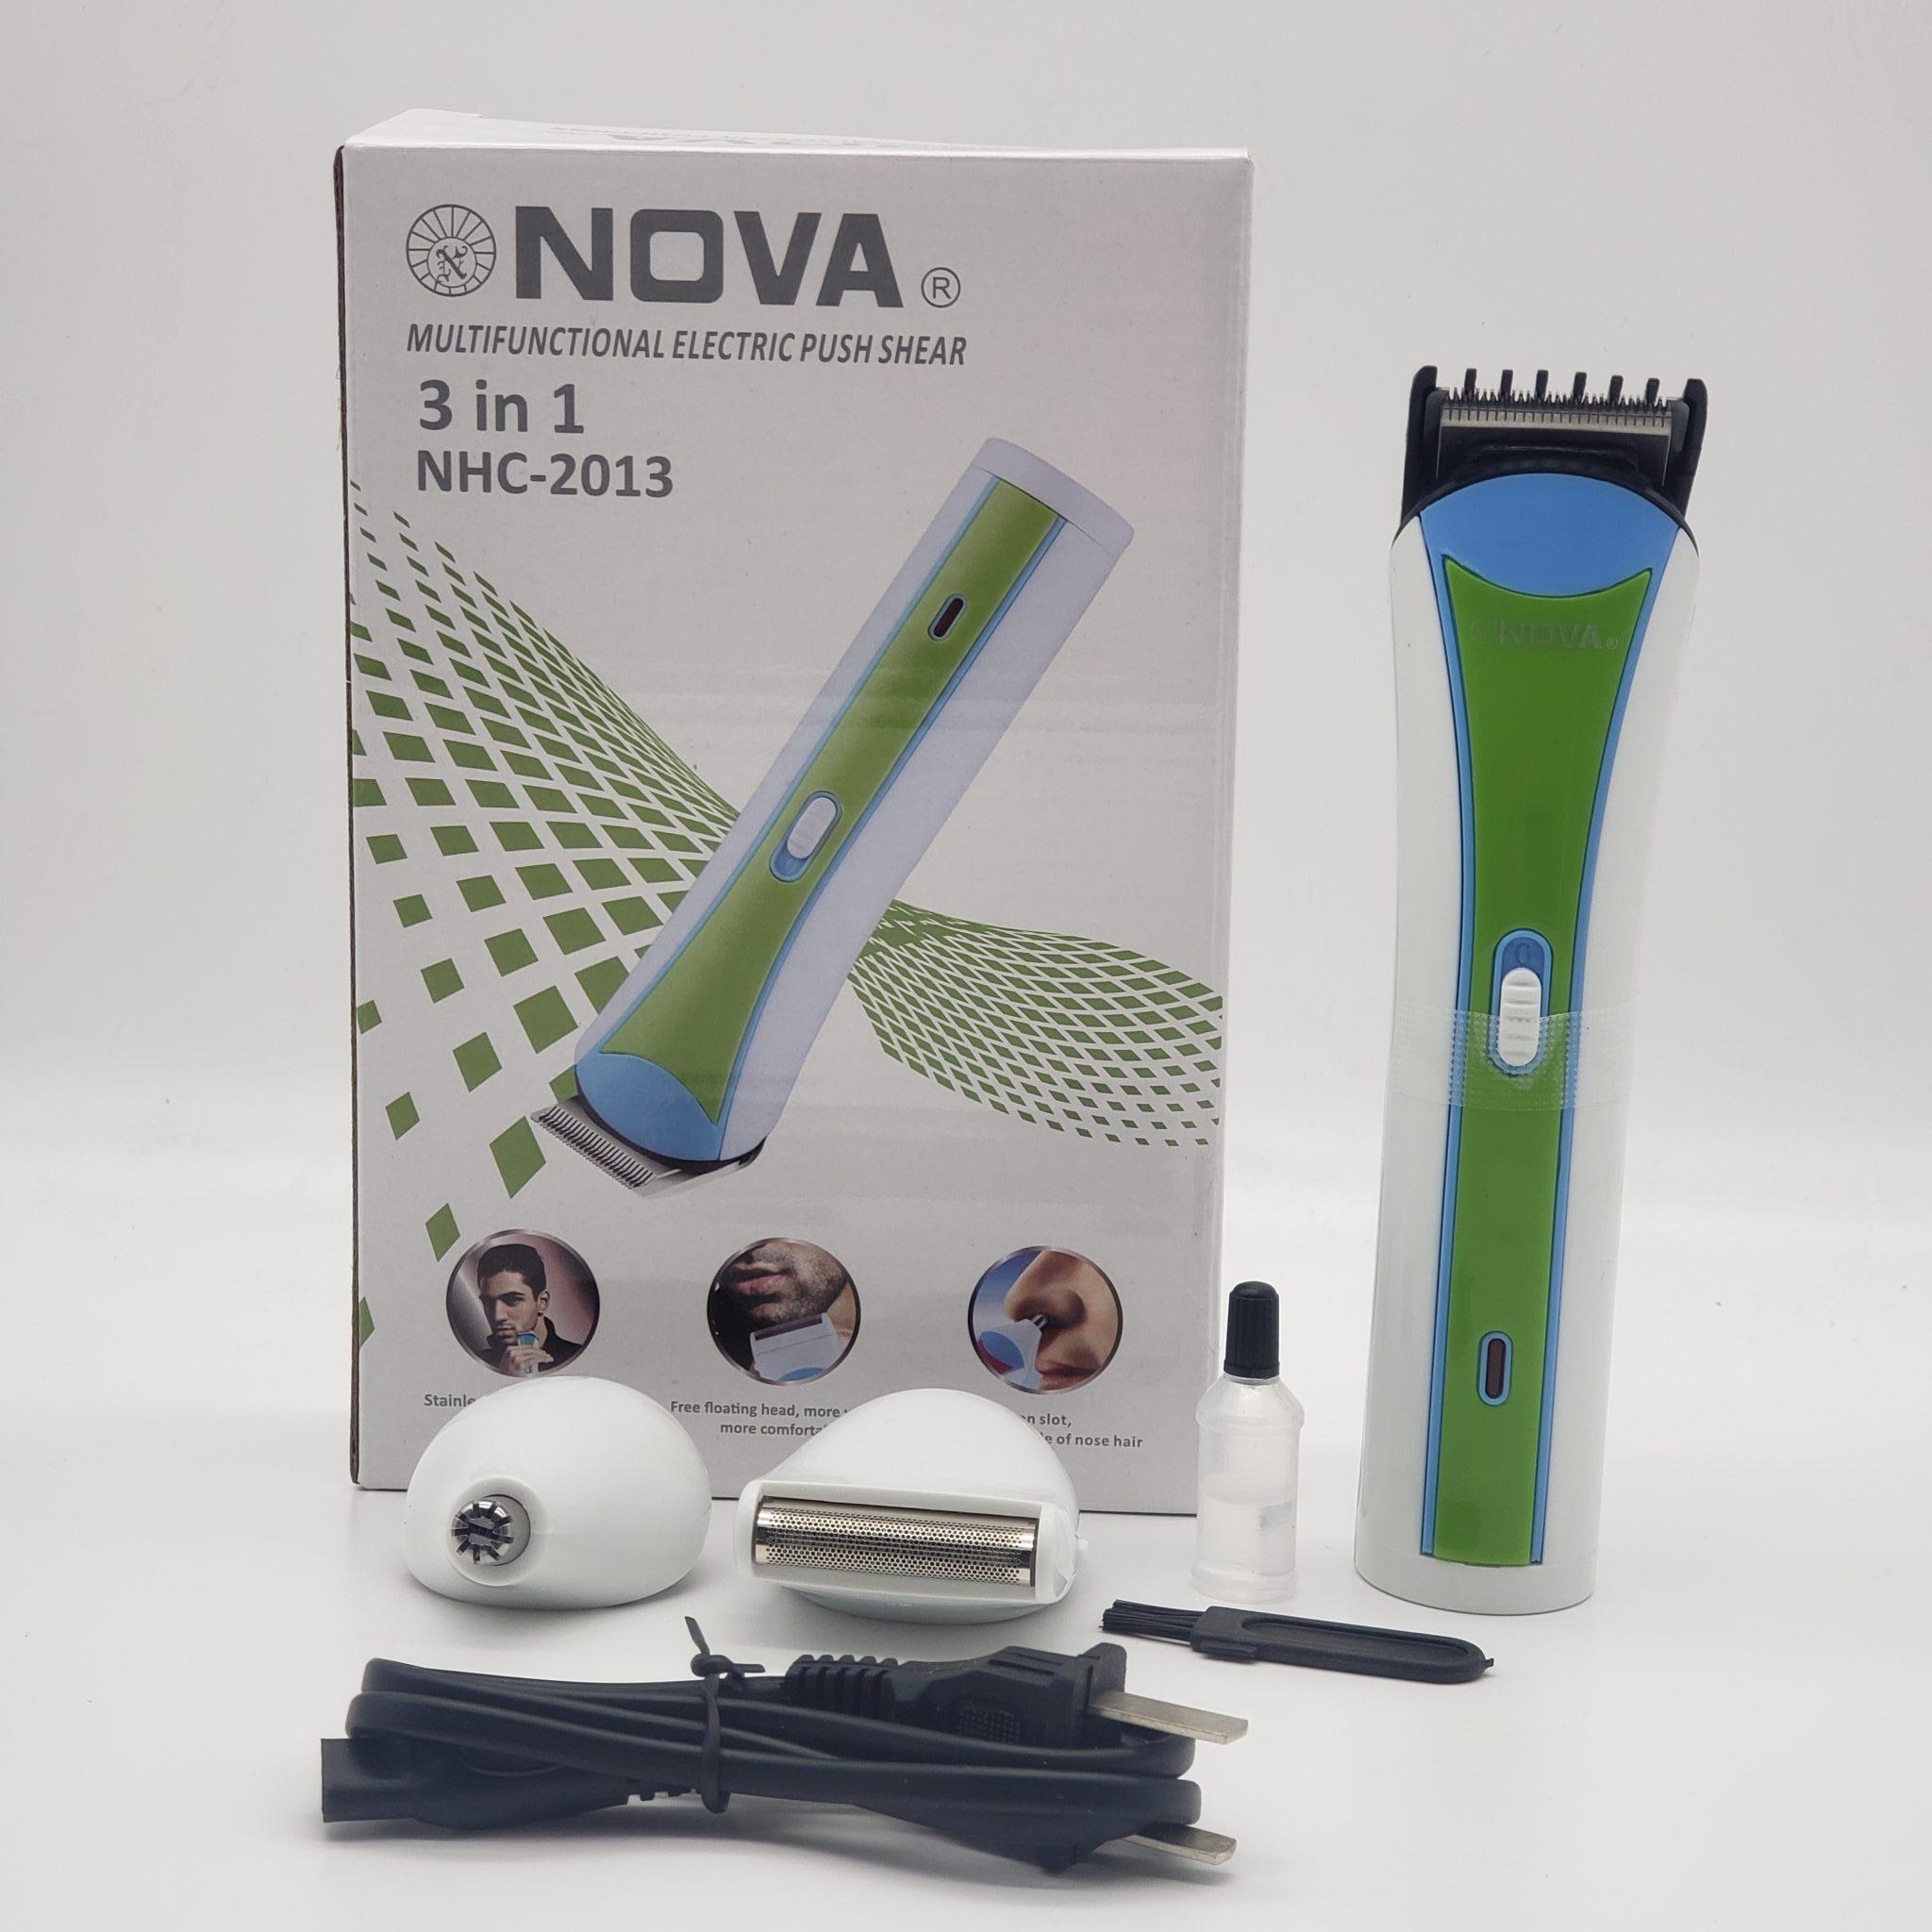 Short HAIR, Beard, NOSE NOVA NHC-2013